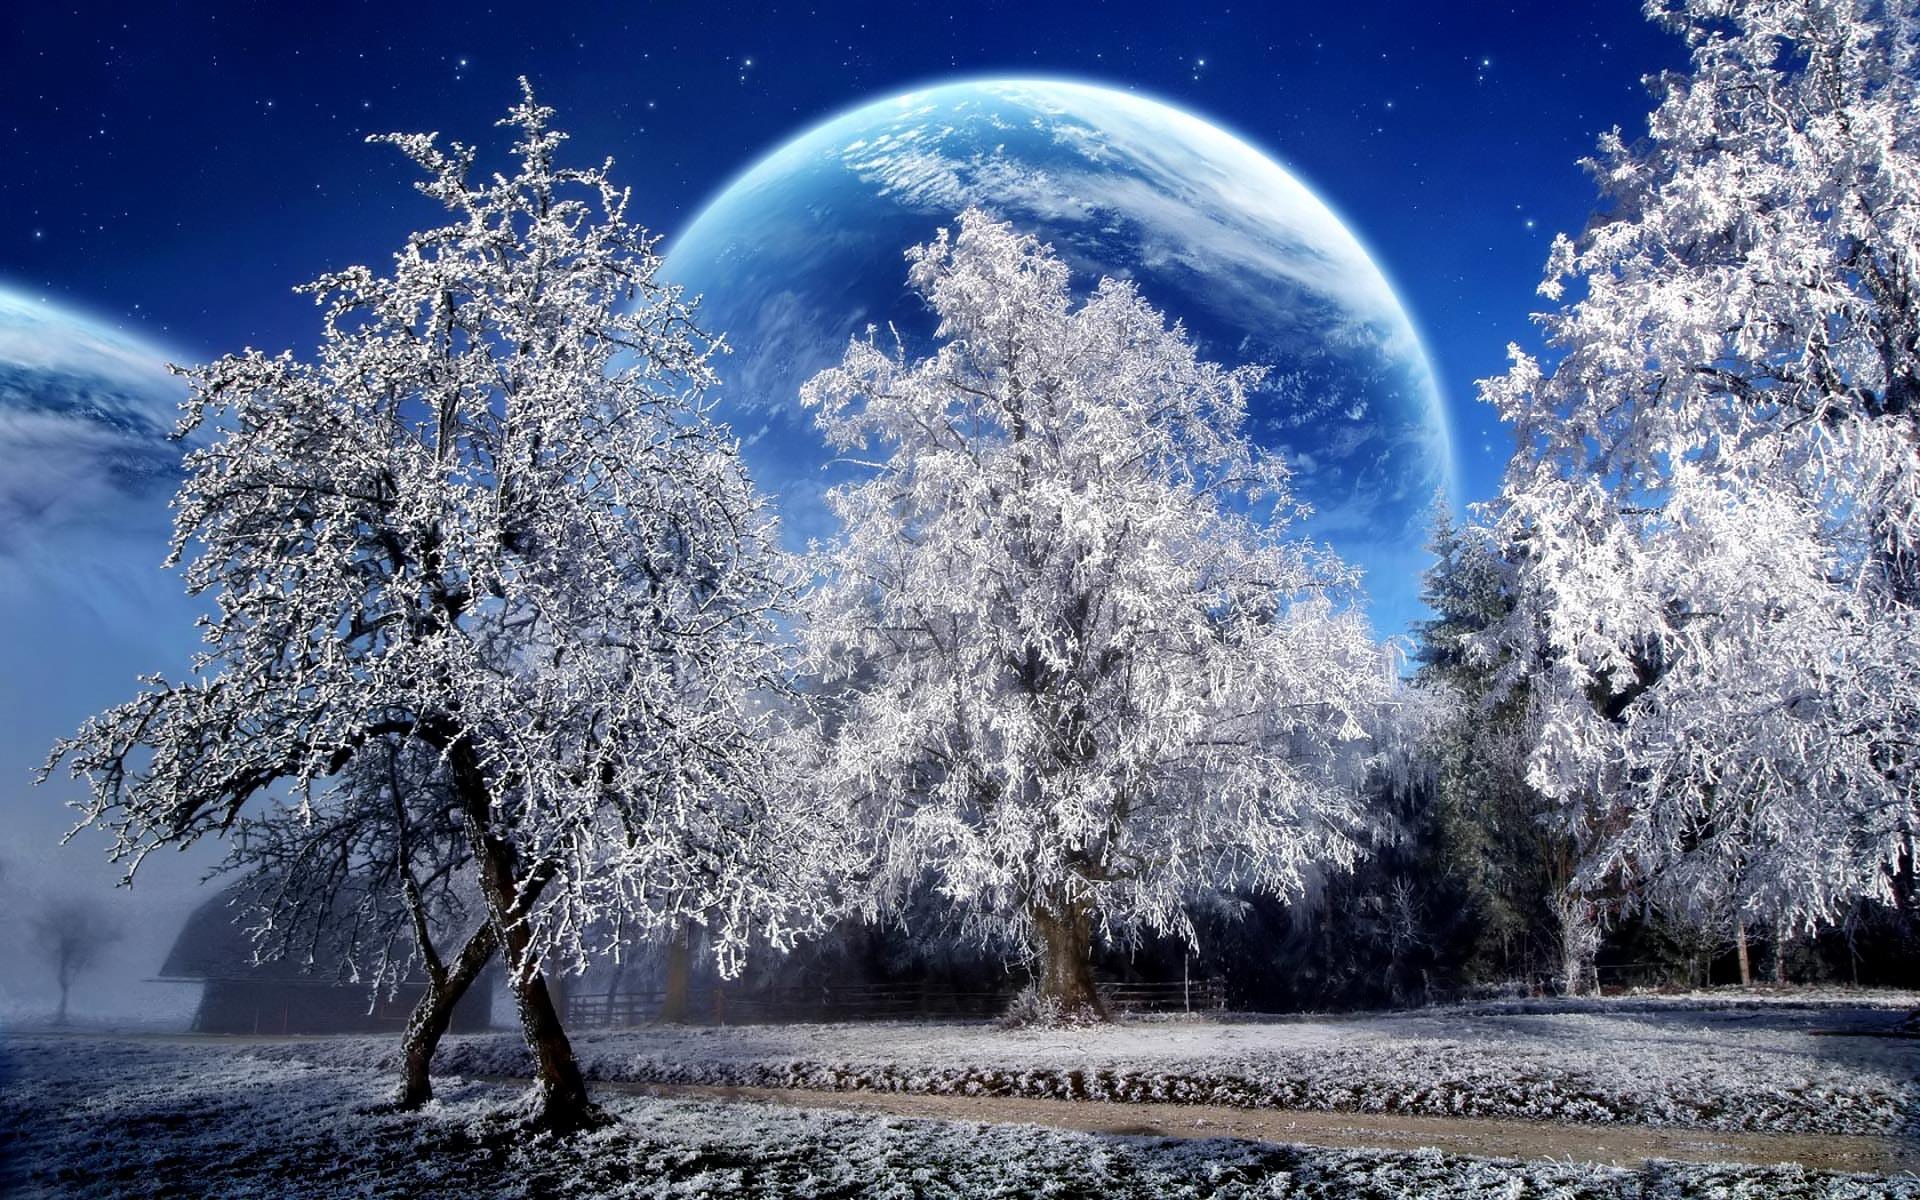 Winter Wallpaper For Desktop 69 Pictures